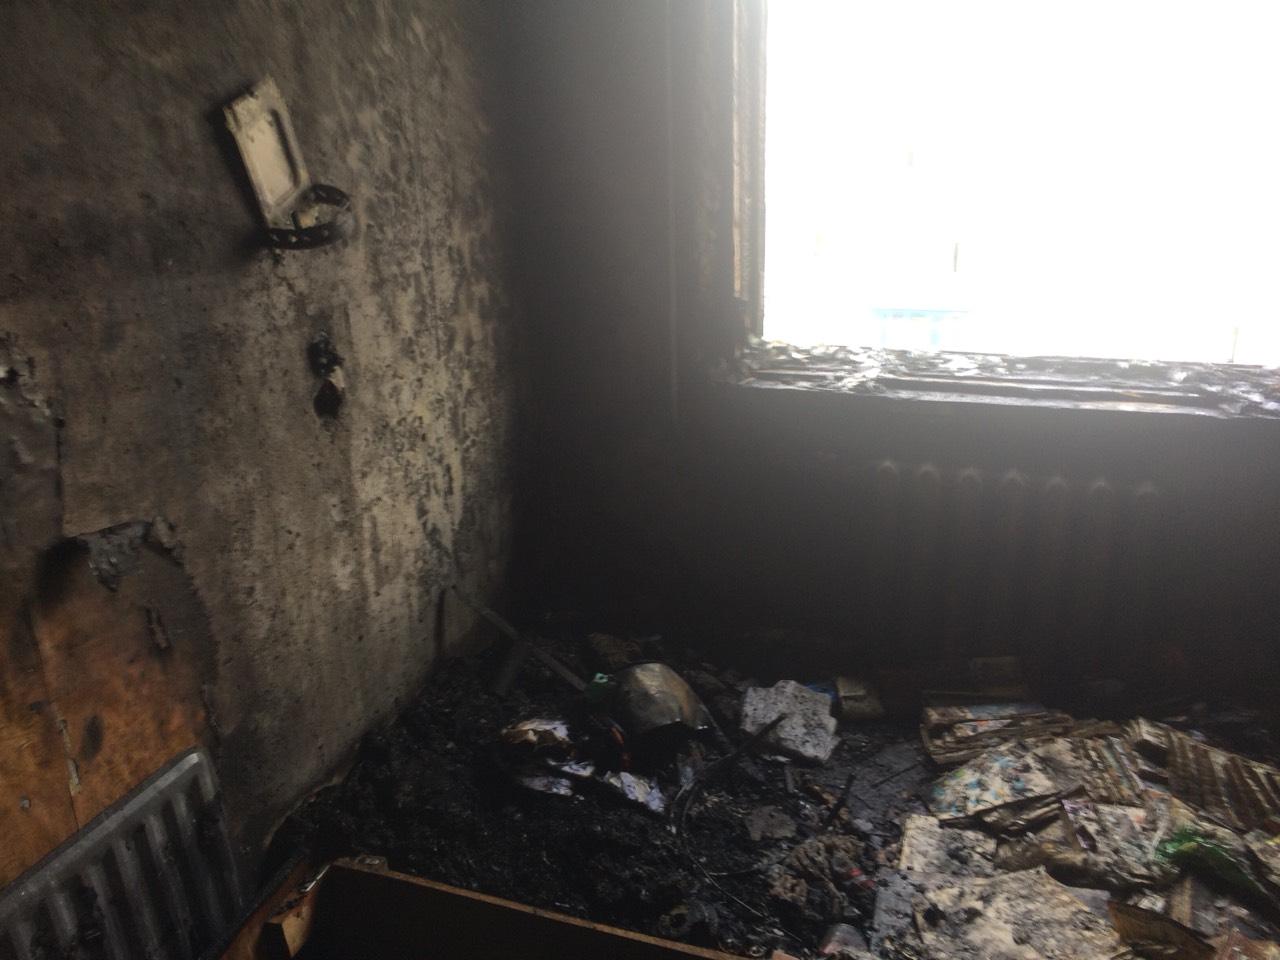 ЧП произошло 11 июля в селе Тетюшском